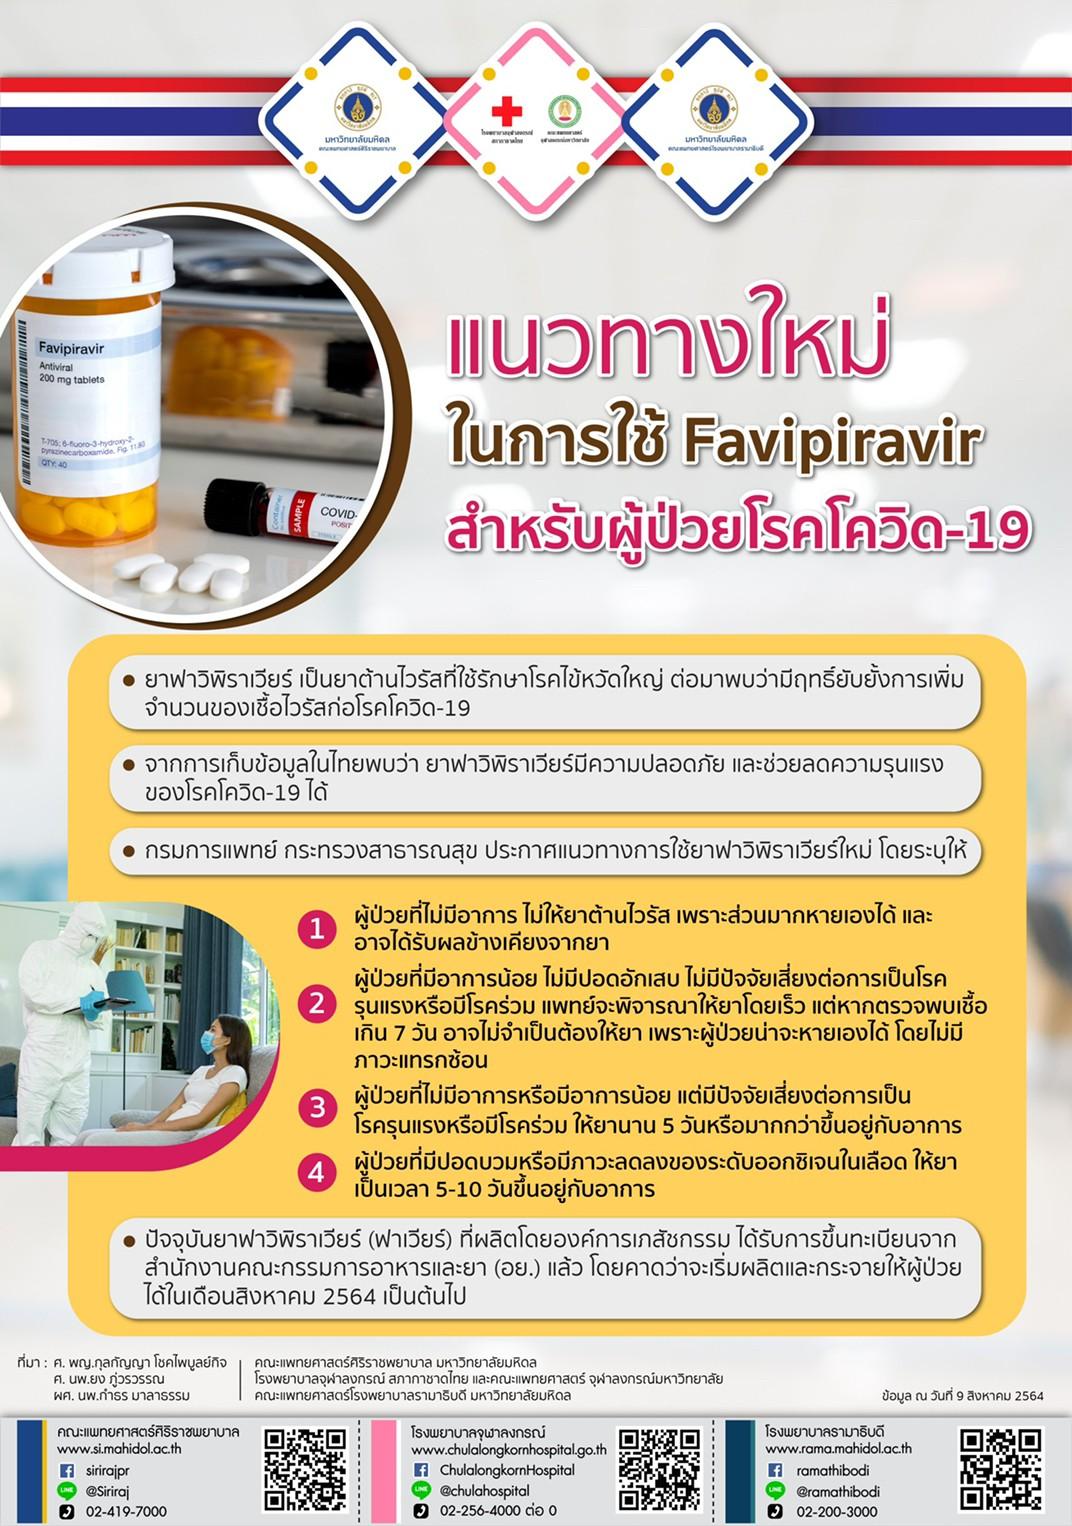 แนวทางใหม่ในการใช้ Favipiravir สำหรับผู้ป่วยโรคโควิด-19